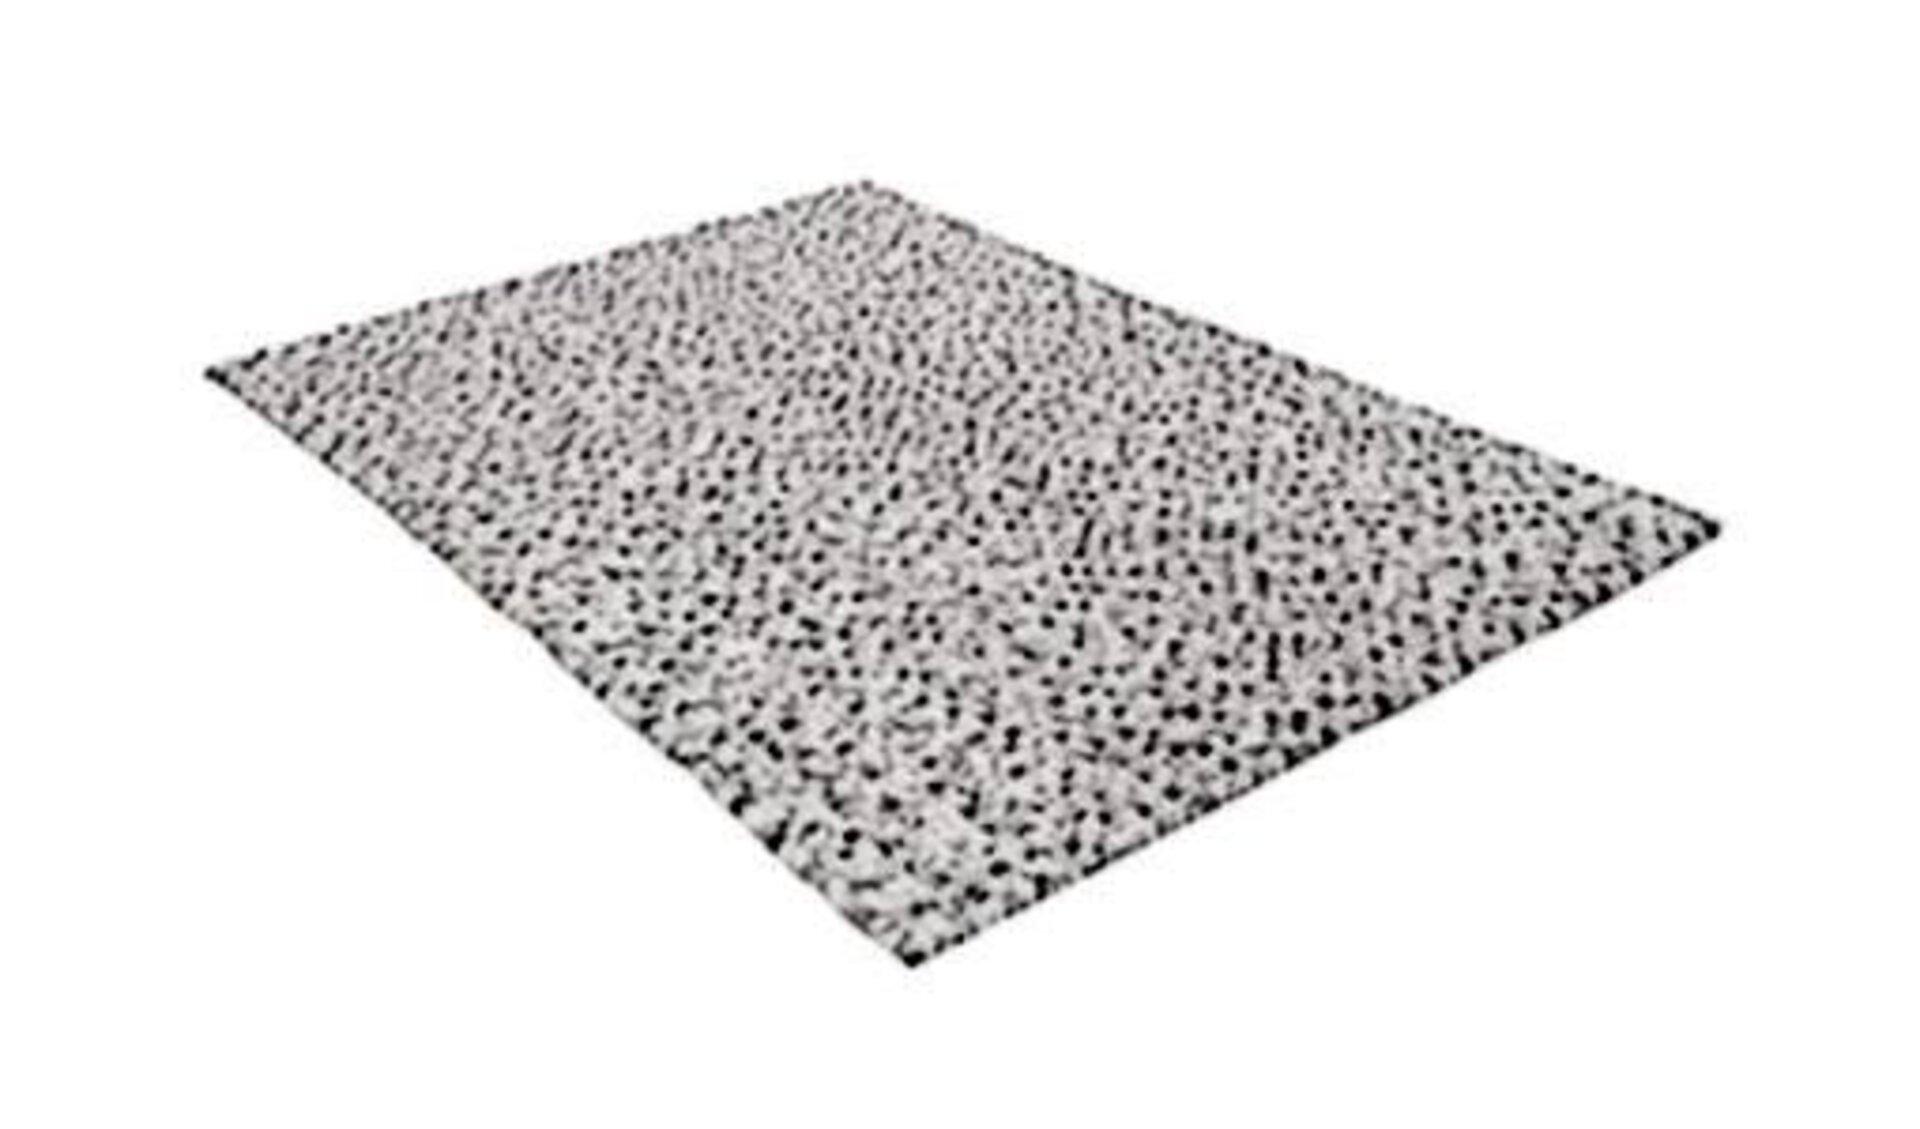 Icon für Naturteppich ist ein grauer Teppich aus Naturfasern.